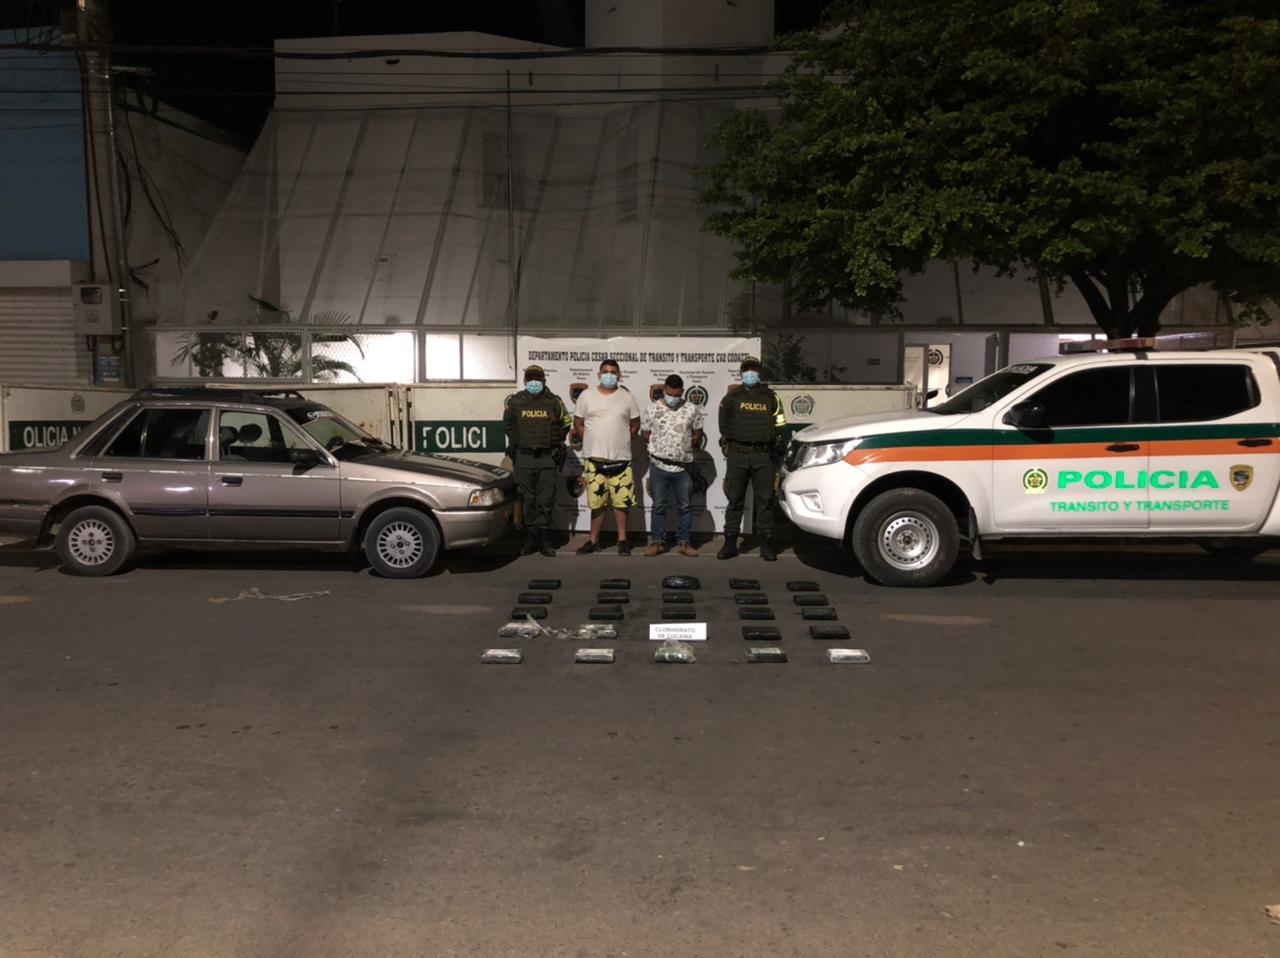 https://www.notasrosas.com/Dos capturados con más de 28 mil dosis de clorhidrato de cocaína, en el Cesar